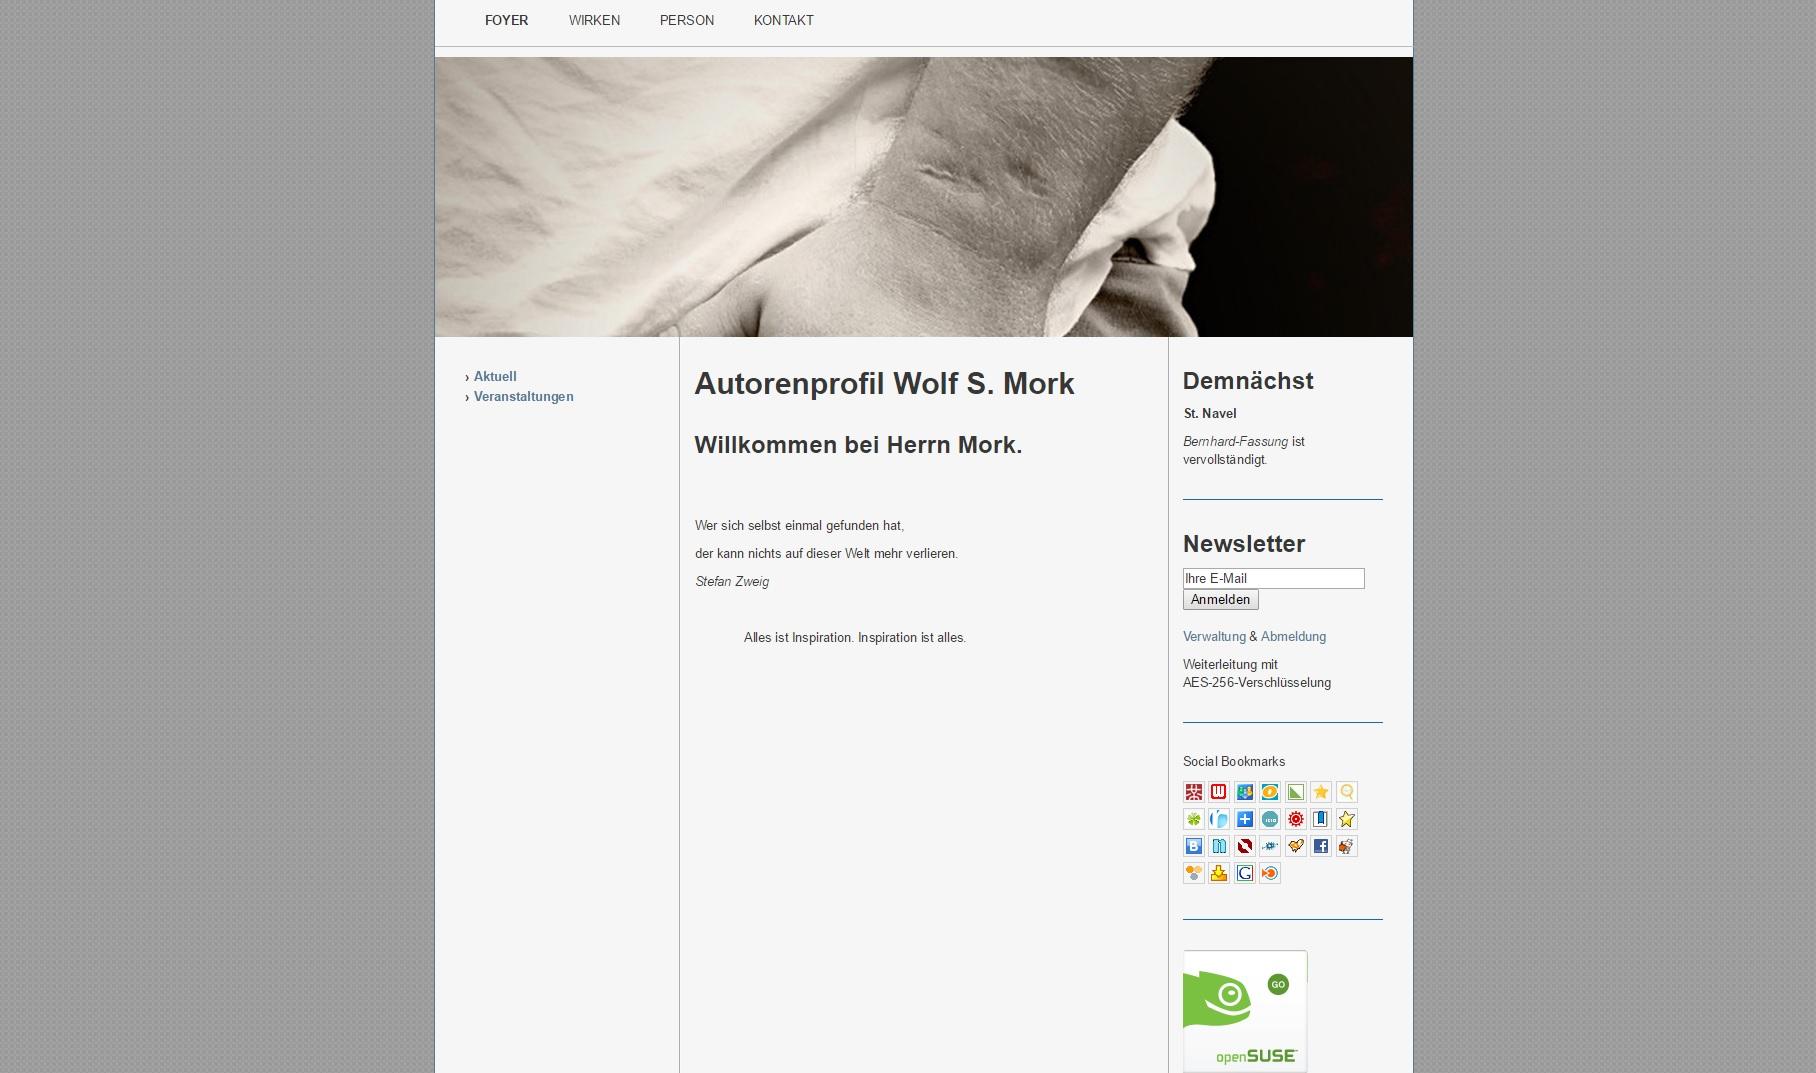 Autoren Website – Professionelle Websites erstellen